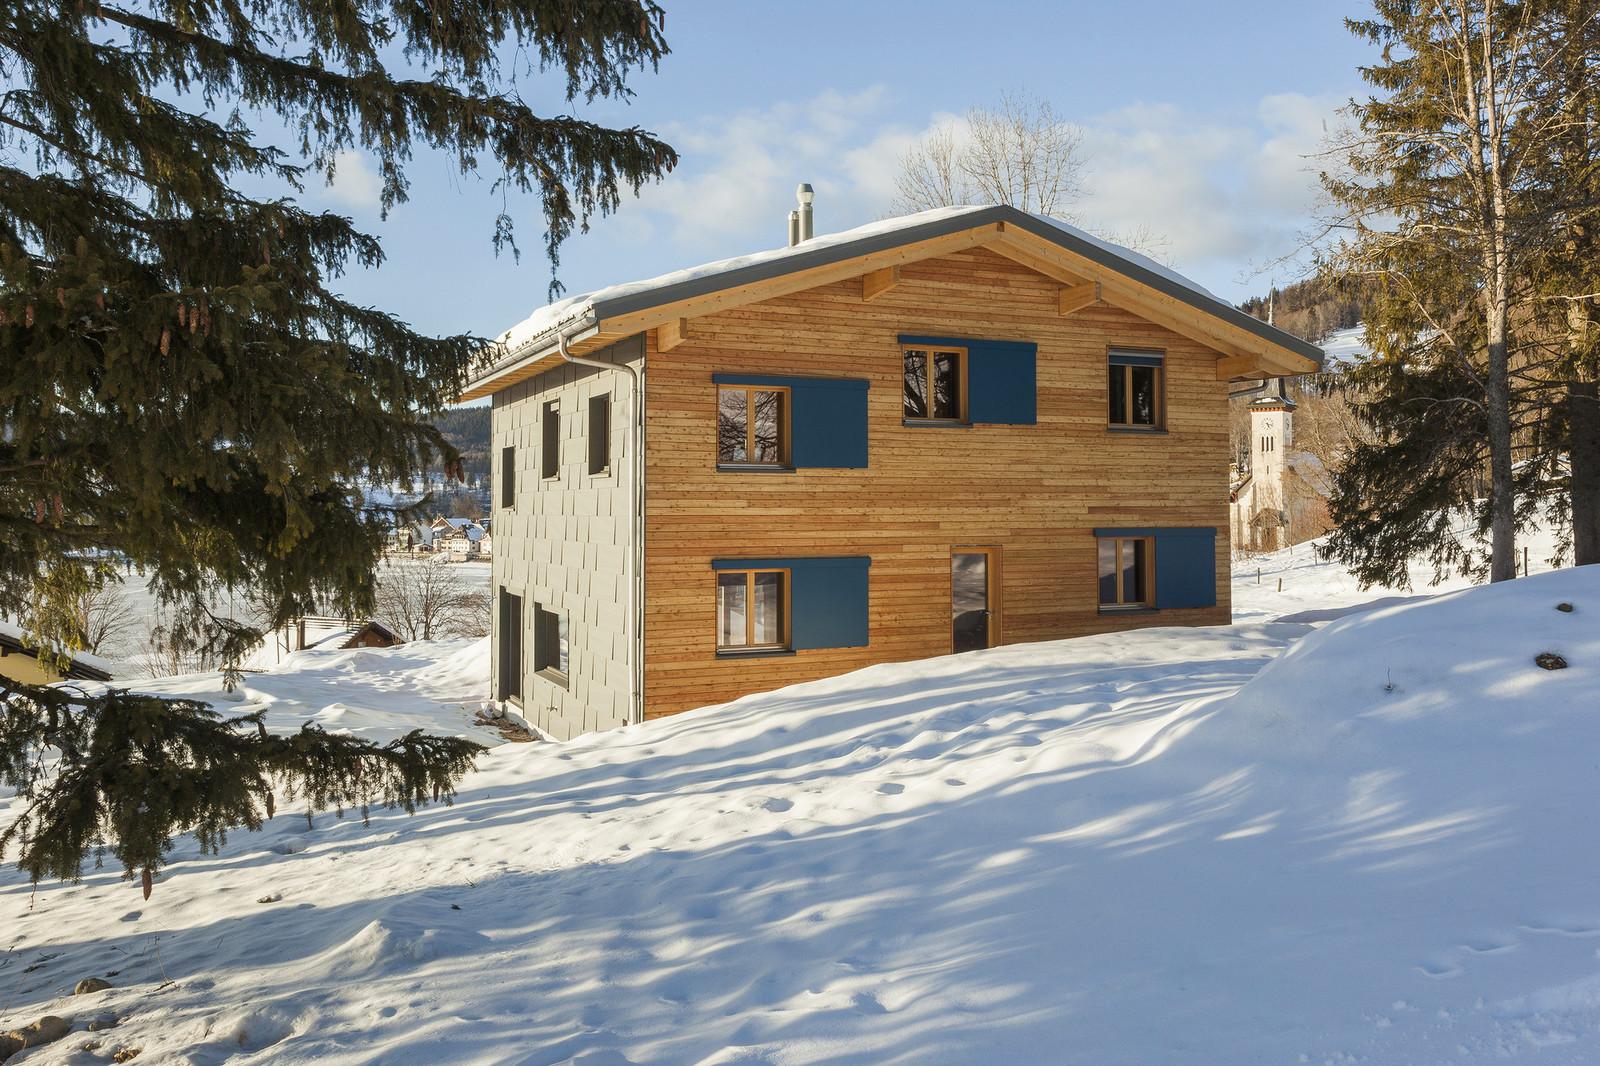 cottage-r-just3ds.com-13